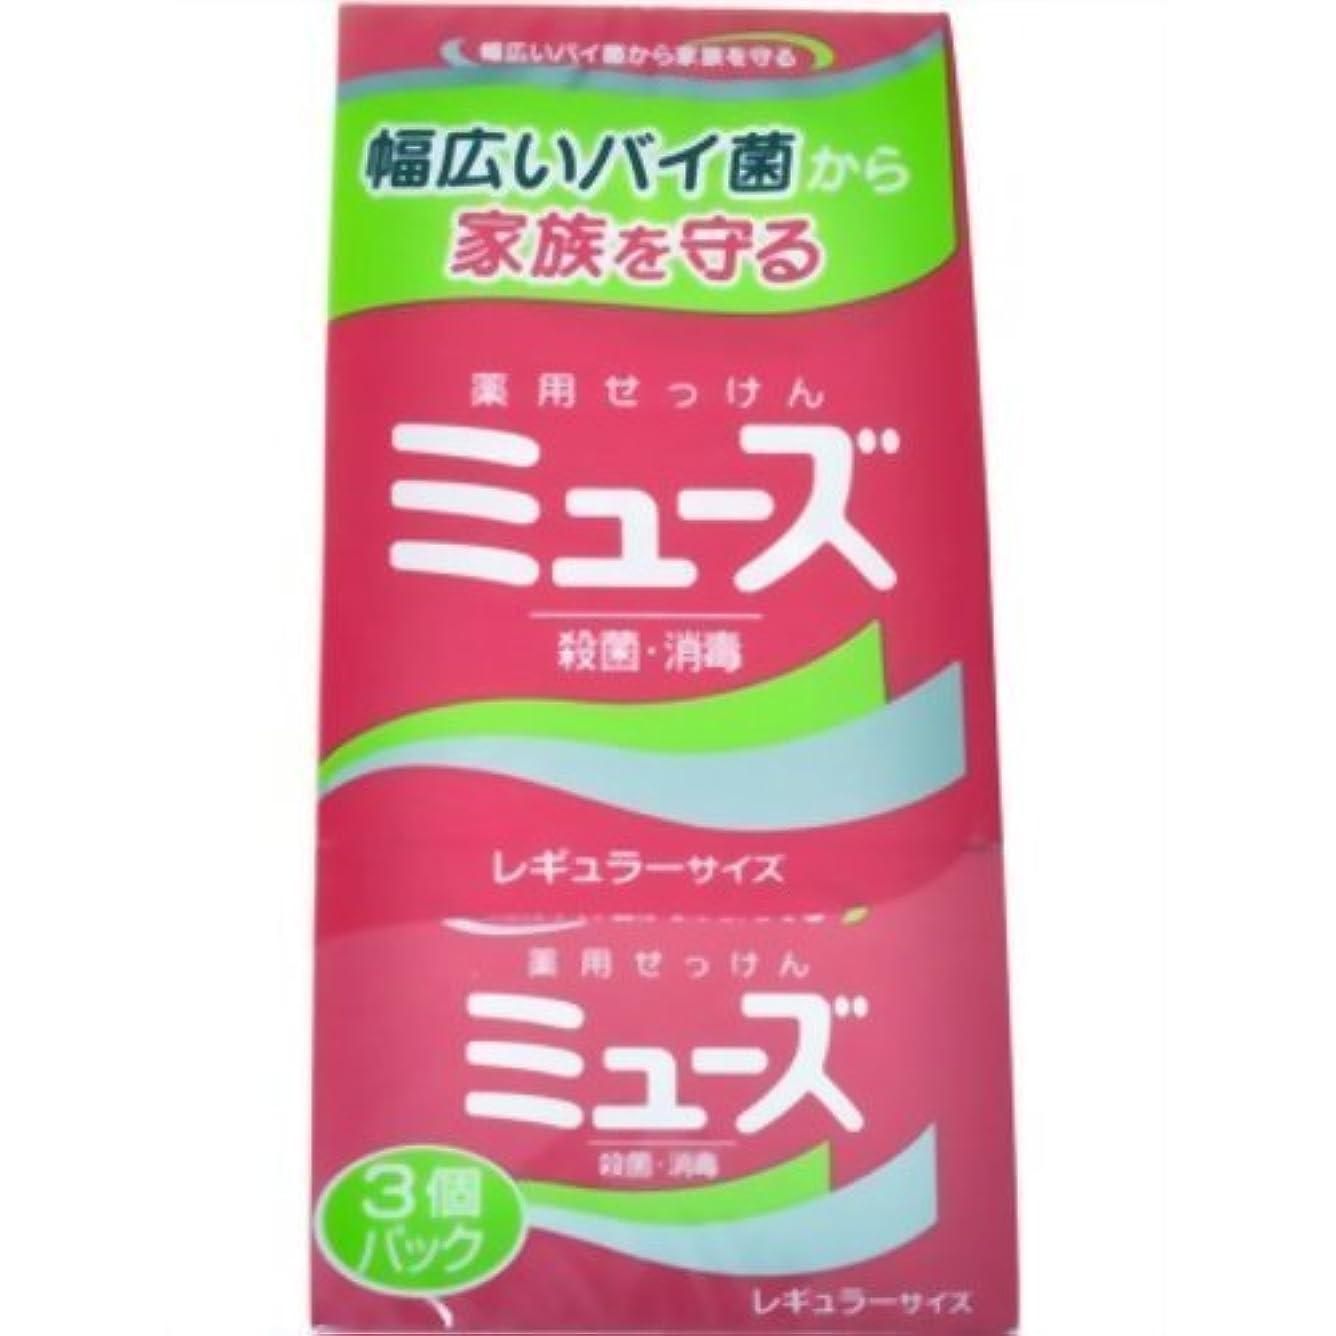 ズームロール納税者ミューズ石鹸 レギュラー 3P ×3個セット